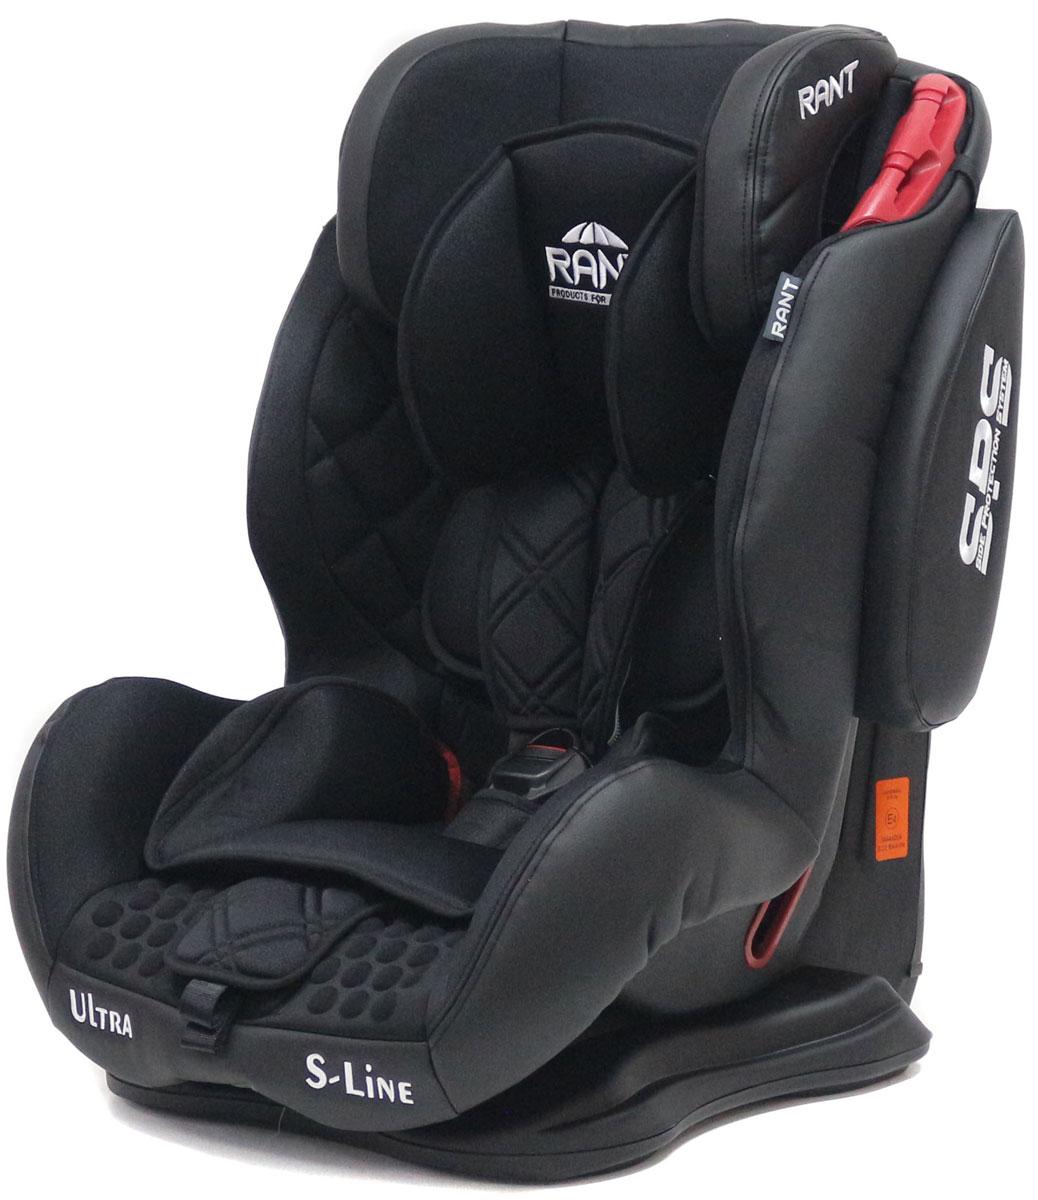 Rant Автокресло Ultra SPS цвет черный от 9 до 36 кг4630008878750Автокресло Rant Ultra SPS группы 1-2-3 предназначено для детей весом от 9 до 36 кг (возраст от 9 месяцев до 12 лет), крепится штатными ремнями безопасности автомобиля, устанавливается по ходу движения автомобиля. Кресло оснащено пятиточечным ремнем безопасности с мягкими плечевыми накладками и антискользящими нашивками, 3-х ступенчатой настройкой высоты подголовника, корректировкой высоты ремня безопасности по уровню подголовника. 3 положения наклона корпуса, устойчивая база, фиксатор высоты штатных ремней безопасности, дополнительная боковая защита, съемный чехол, мягкий съемный вкладыш для малыша делают это кресло идеальным средством для защиты ребенка во время передвижения на автомобиле. Сертификат Европейского Стандарта Безопасности ЕCE R44/04.